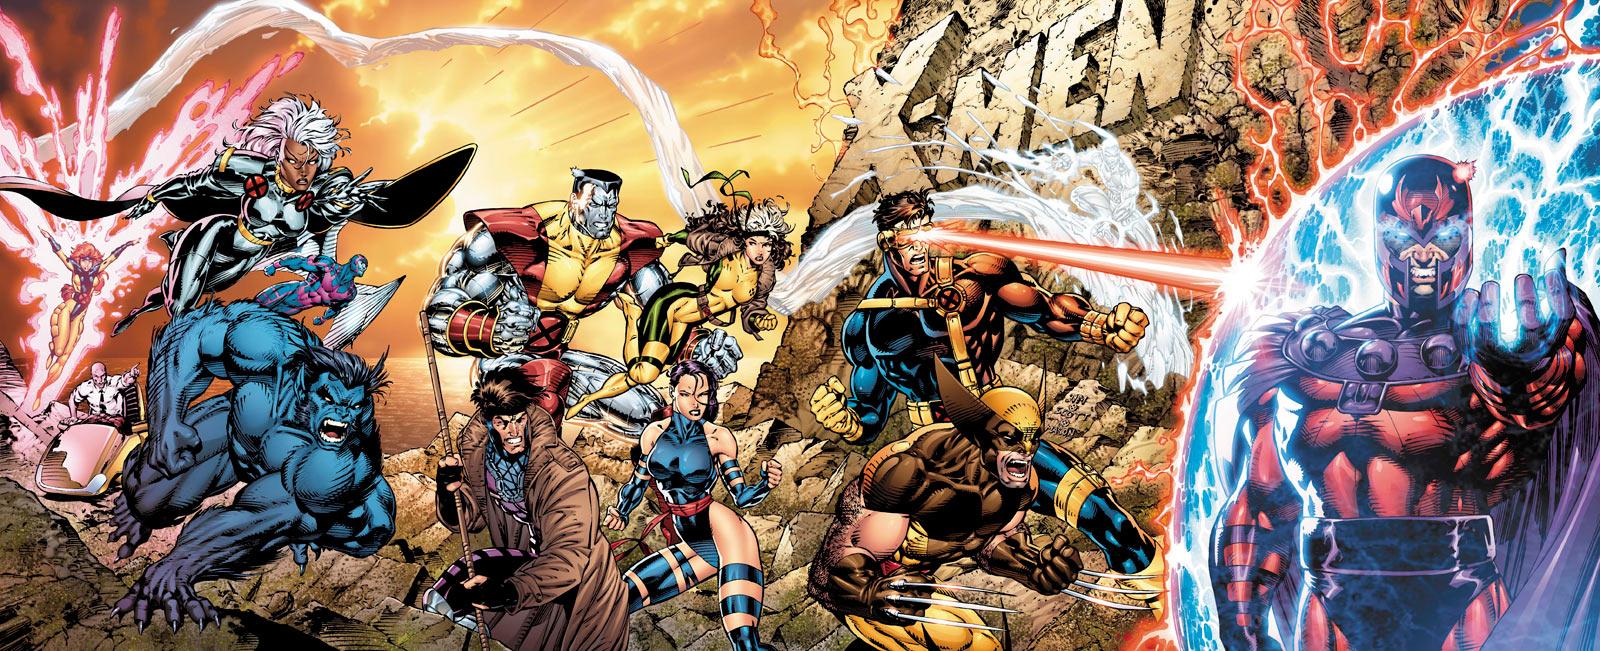 La fameuse cover qui changea le monde des Comics